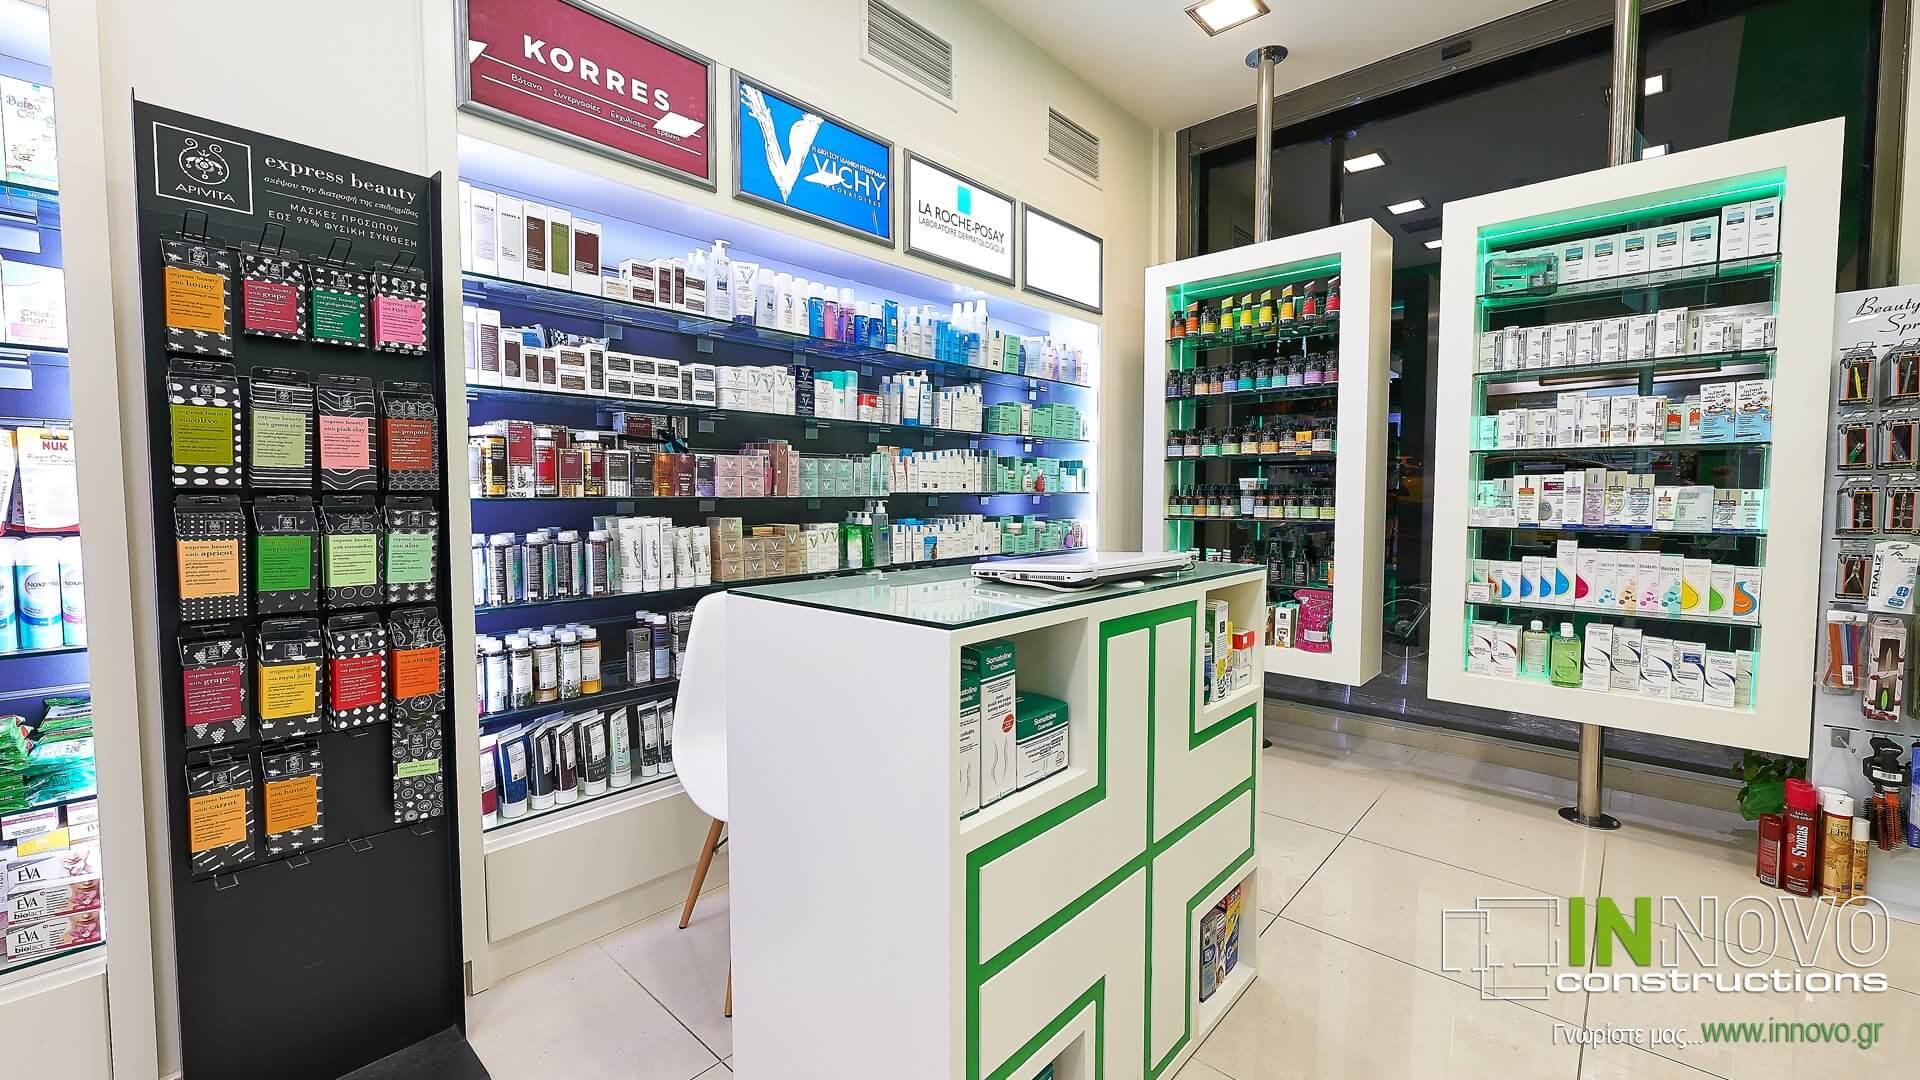 Πάγκος εξυπηρέτησης φαρμακείου στην Αθήνα